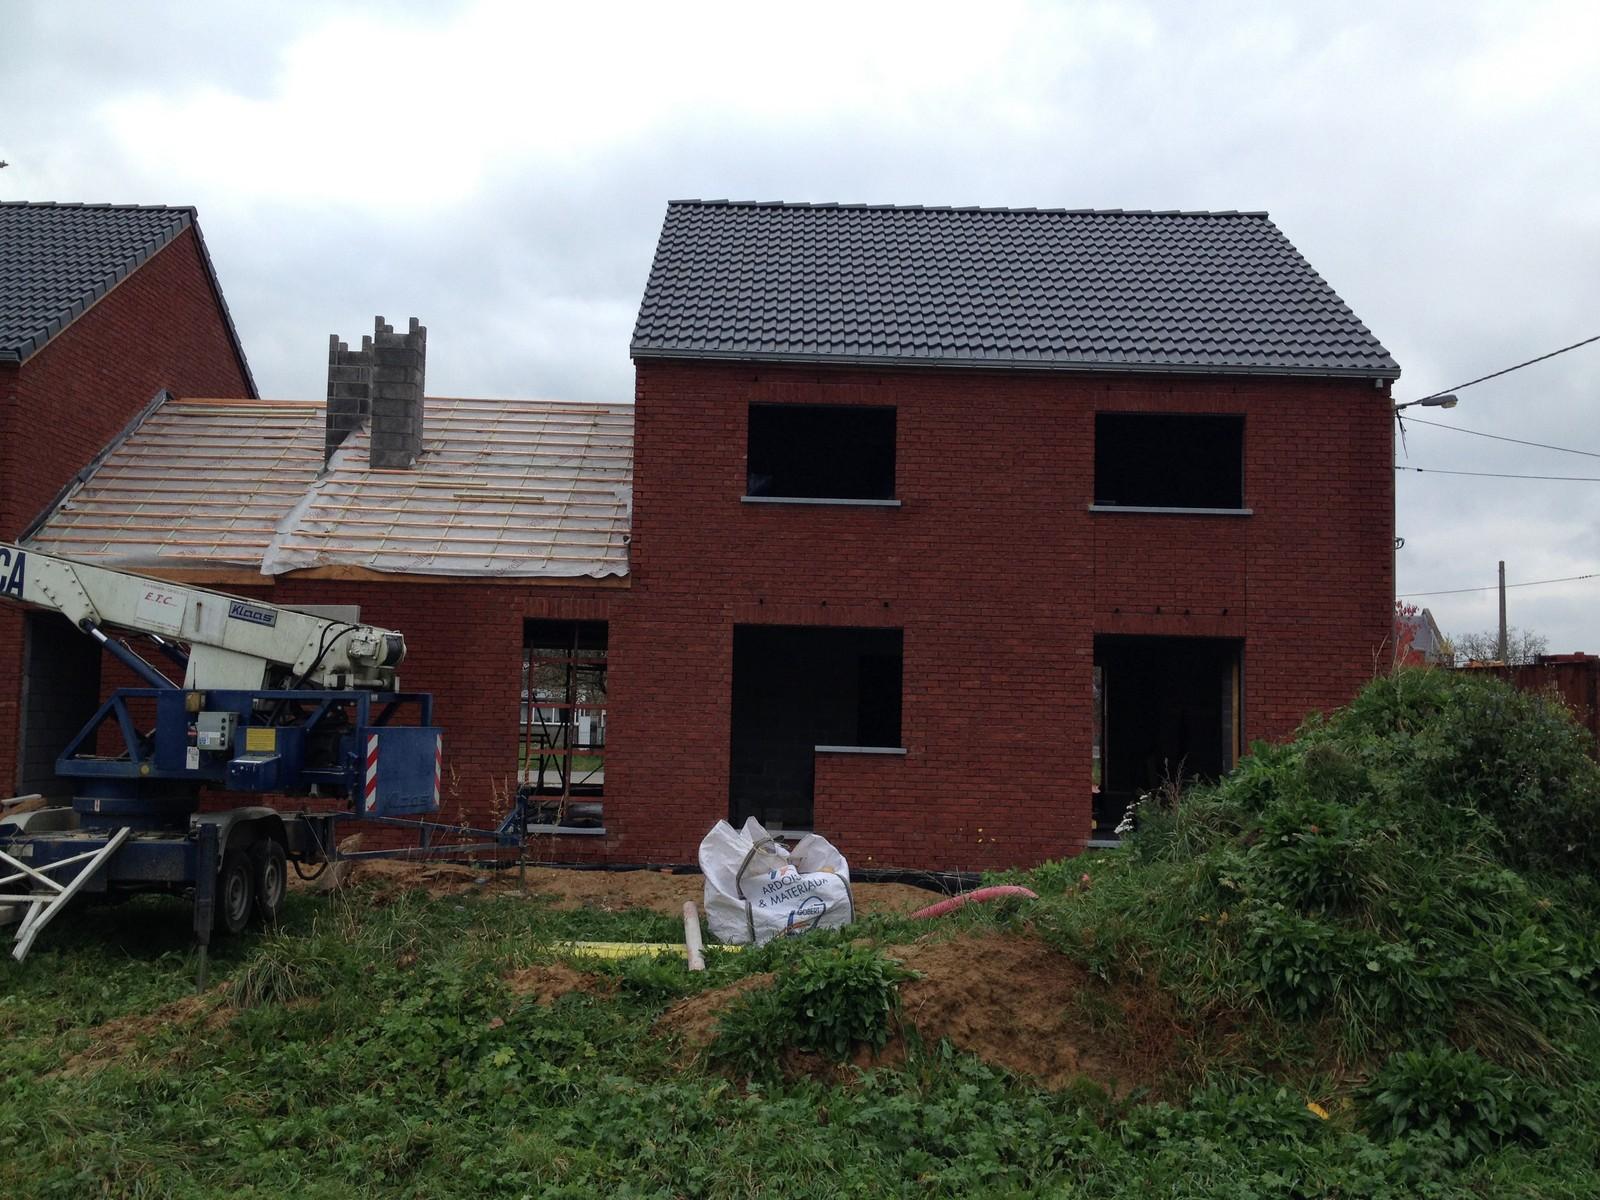 nouvelles photos des constructions de lobbes 06 11 14 conseil b le financement participatif. Black Bedroom Furniture Sets. Home Design Ideas